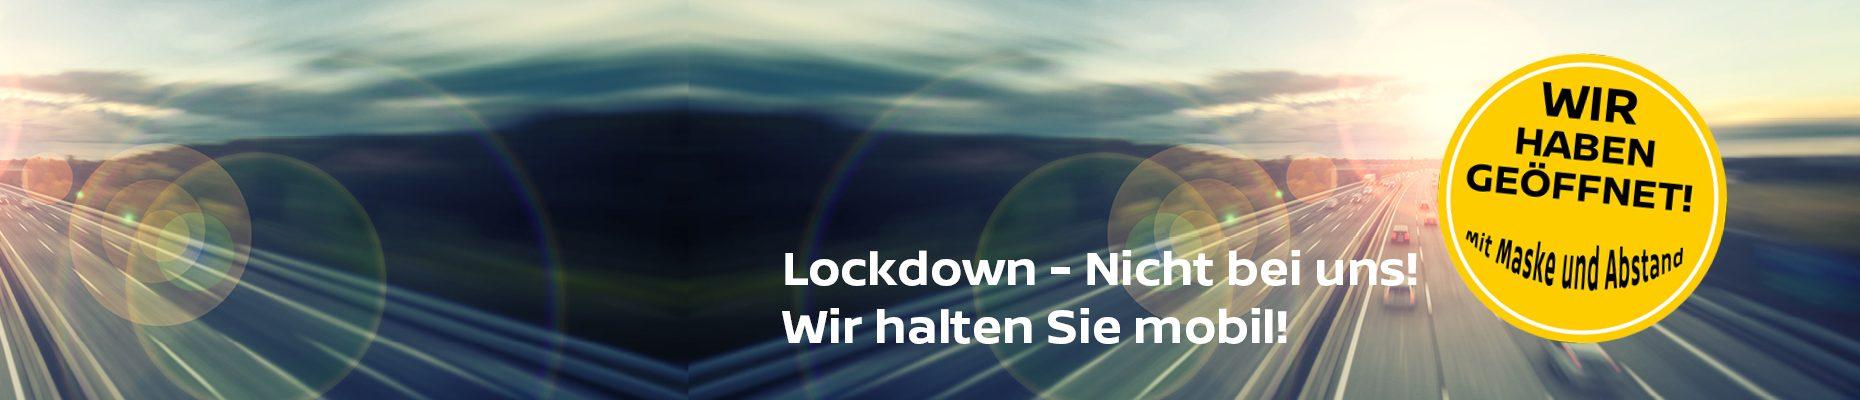 1864x400_Lockdown nicht mit uns_neu